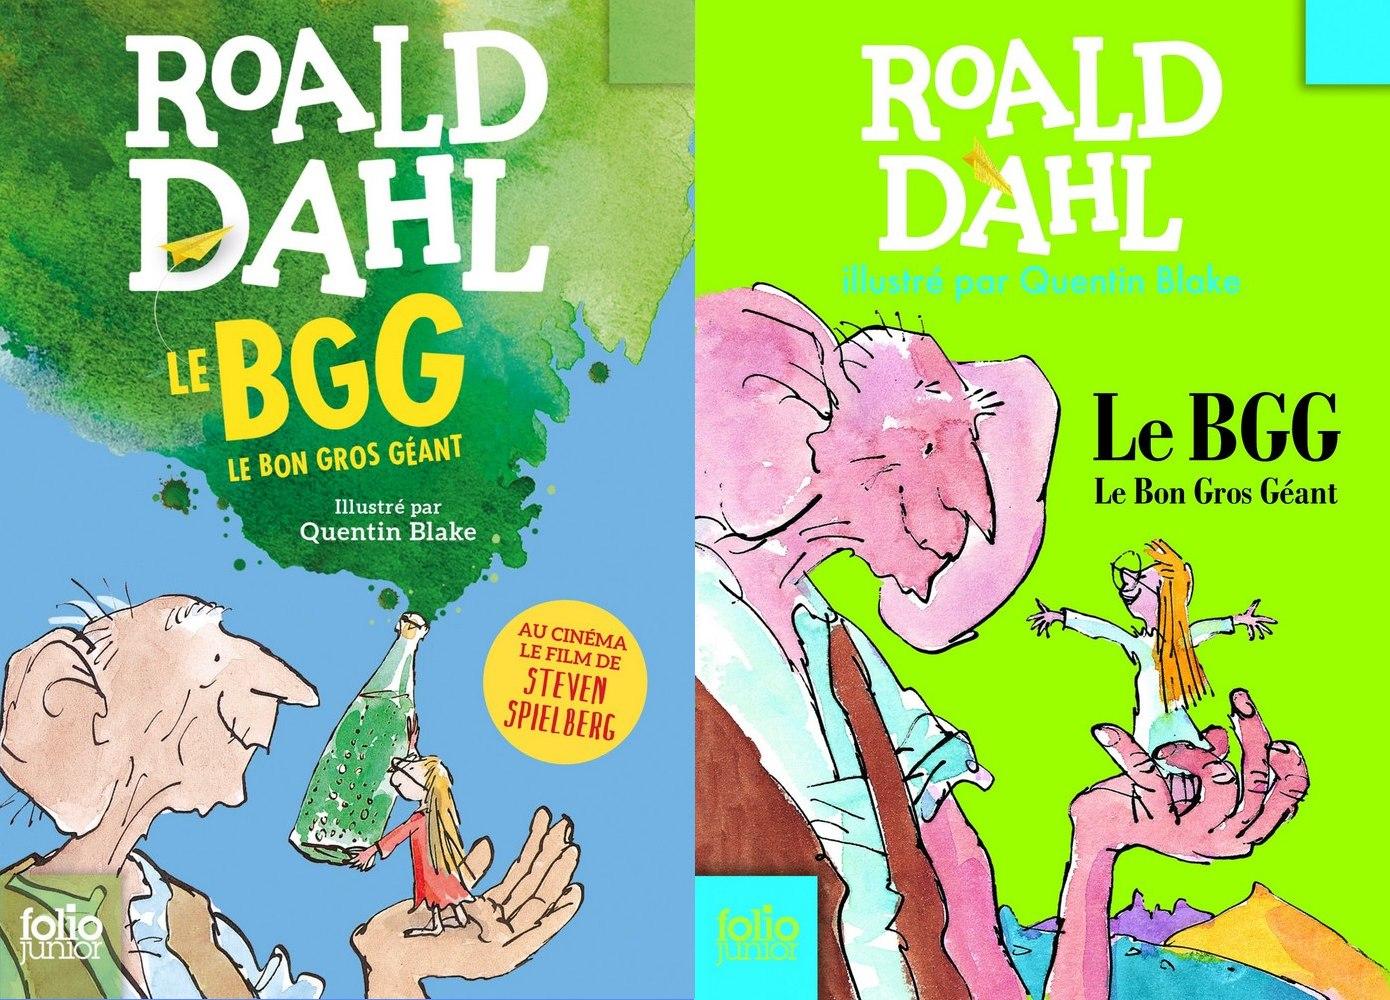 anciennes couvertures Roald Dahl BGG